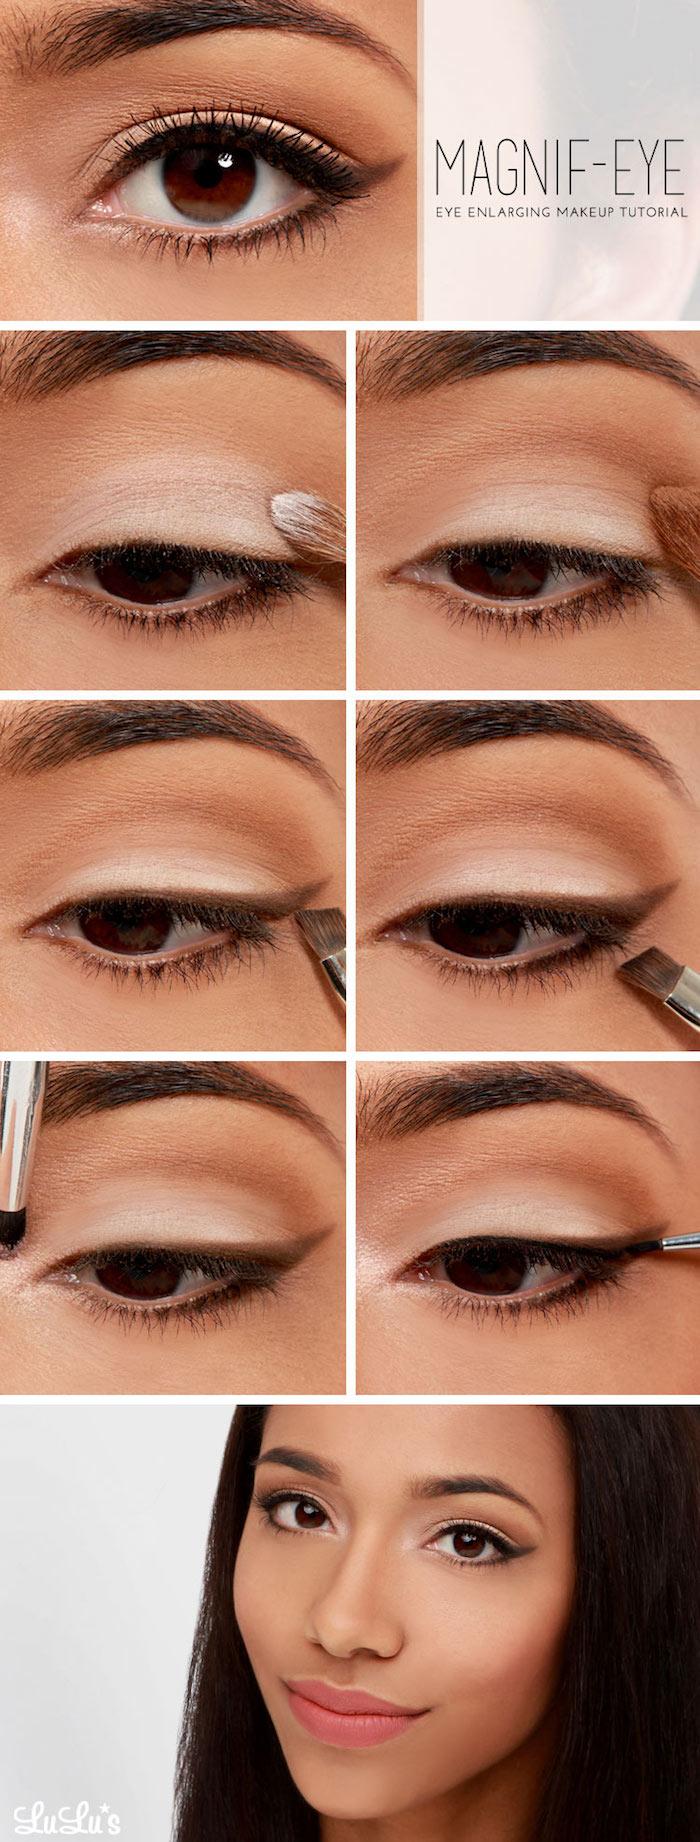 geschminkte augen, brauner lidstrich richtig auftragen, natürliches make-up